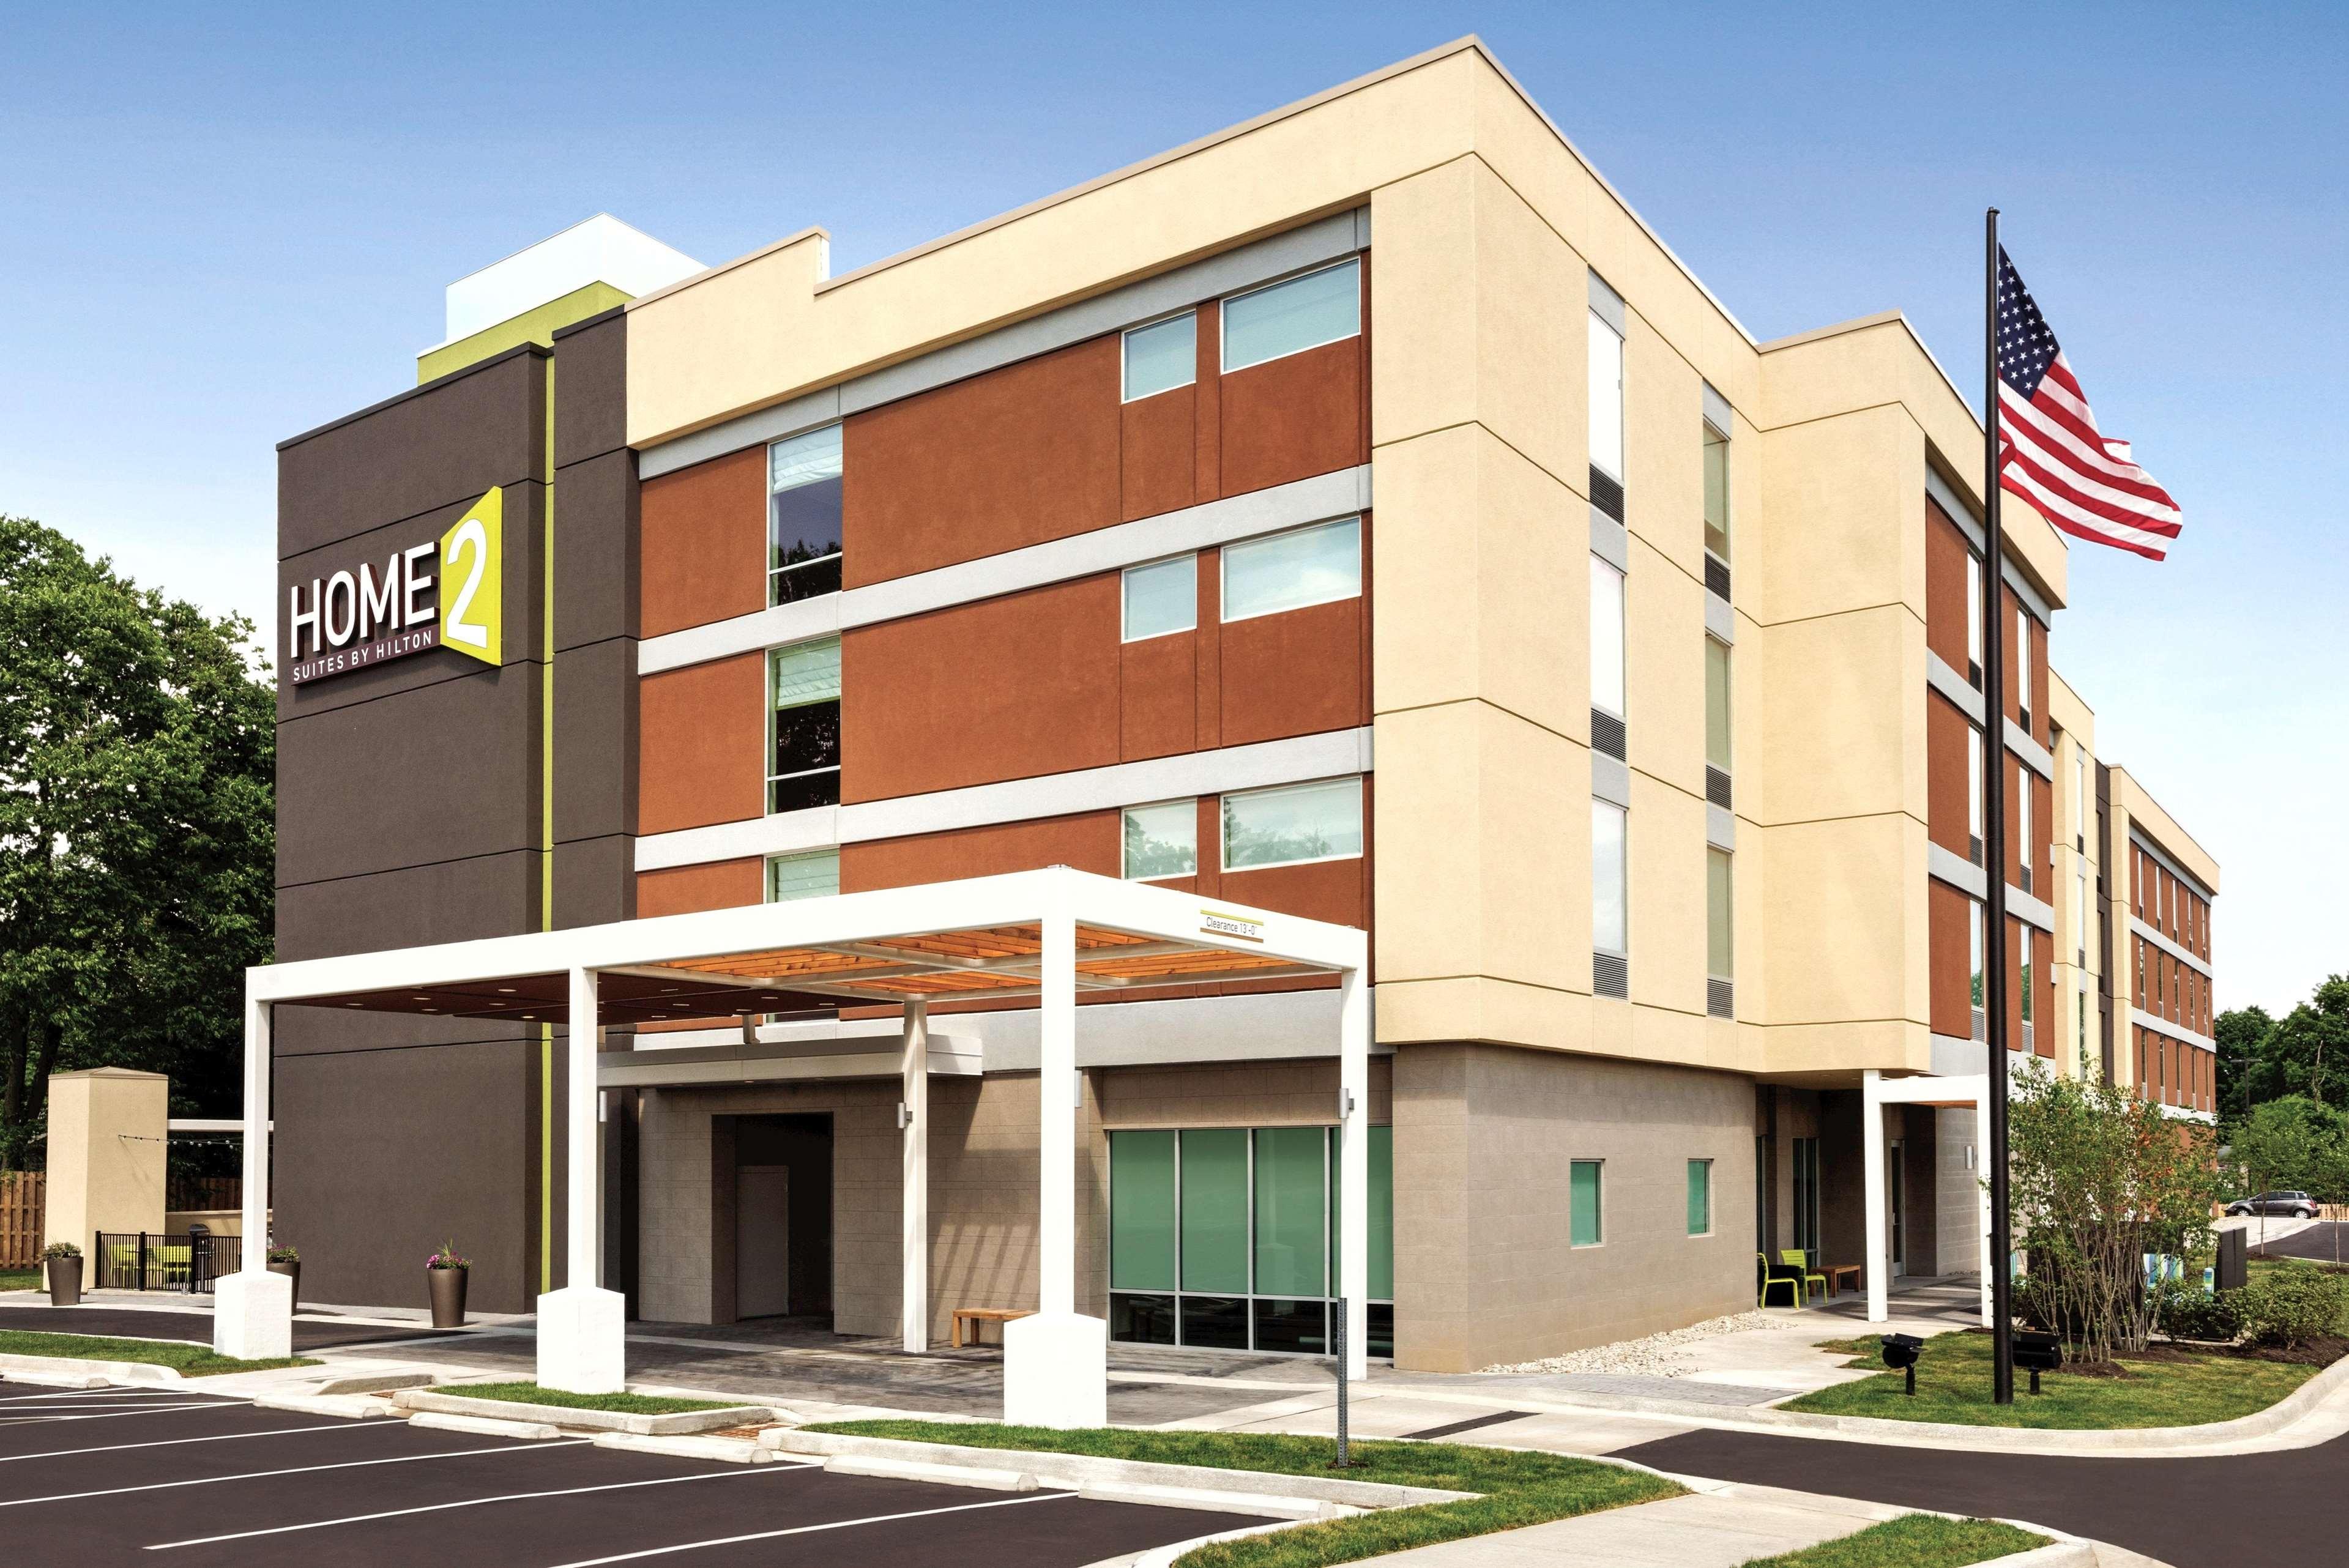 home2 suites by hilton lexington university medical center in lexington ky 40503. Black Bedroom Furniture Sets. Home Design Ideas